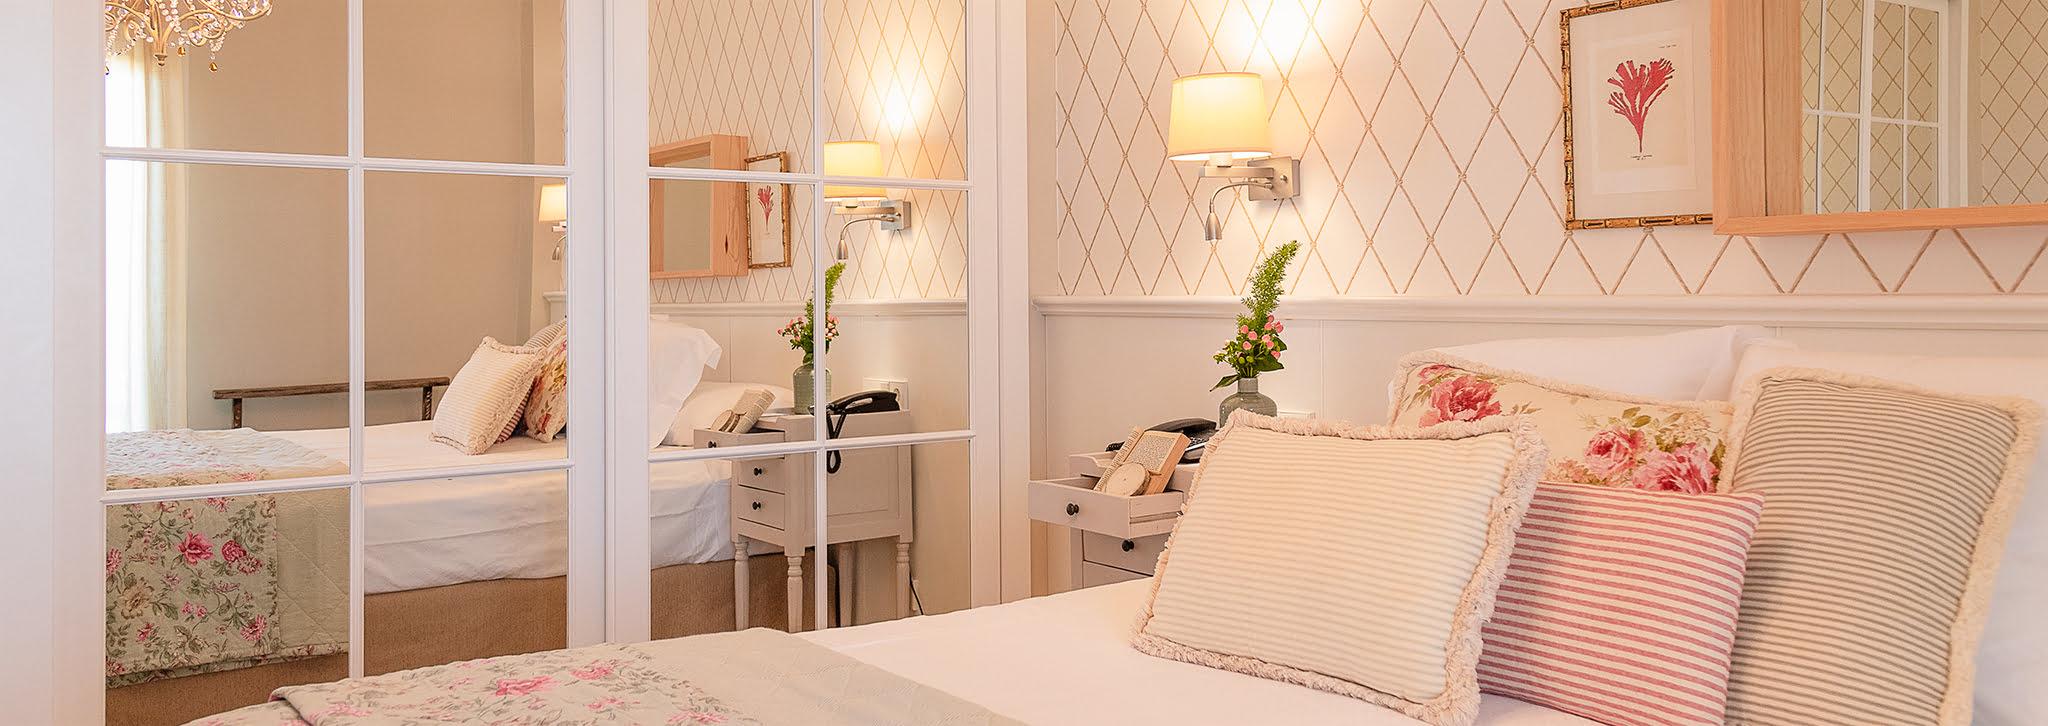 Dormitorios en Hotel Los Angeles